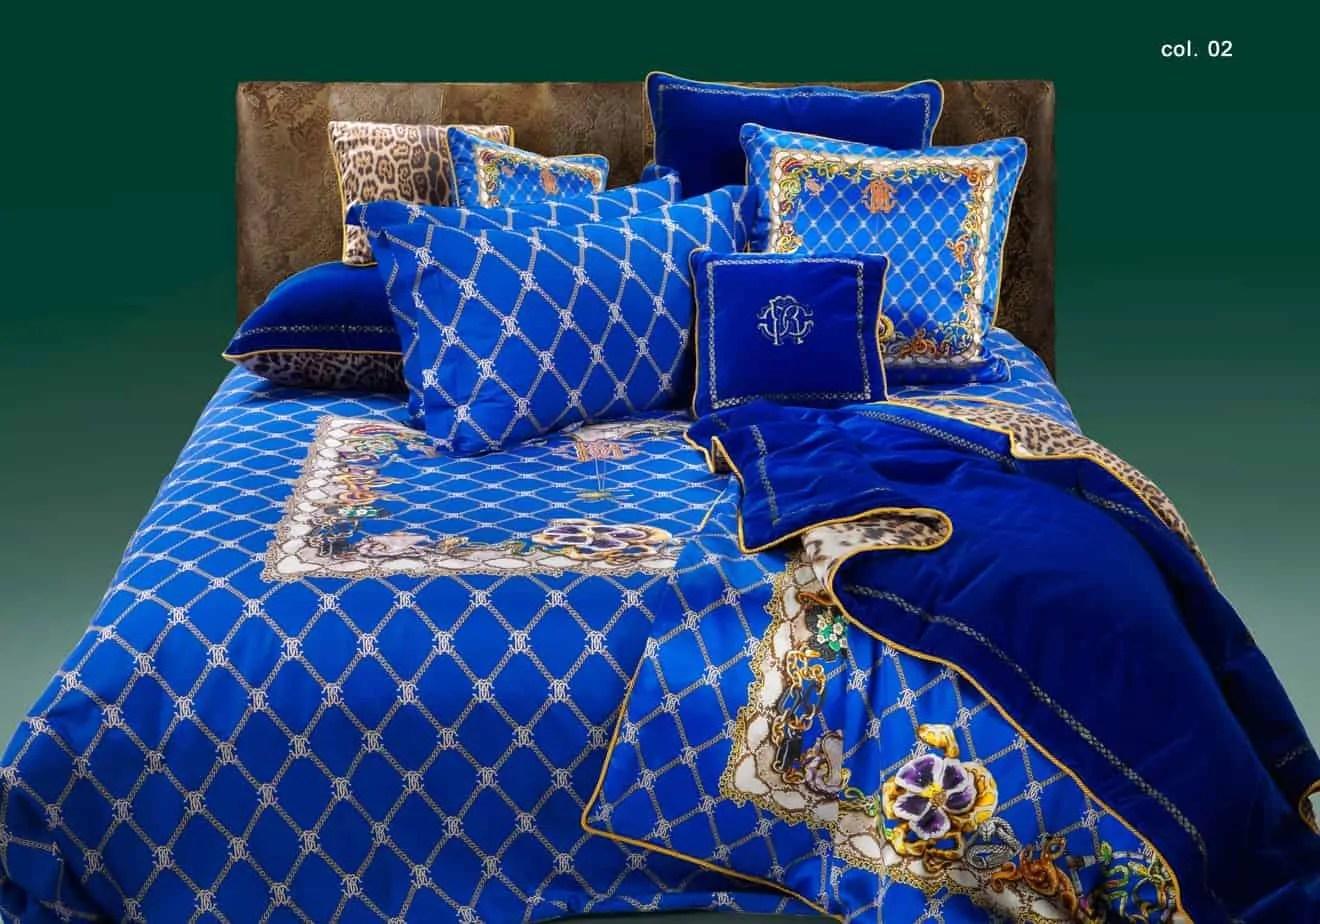 roberto cavalli bedding beddengoed dekbedovertrek spider blauw